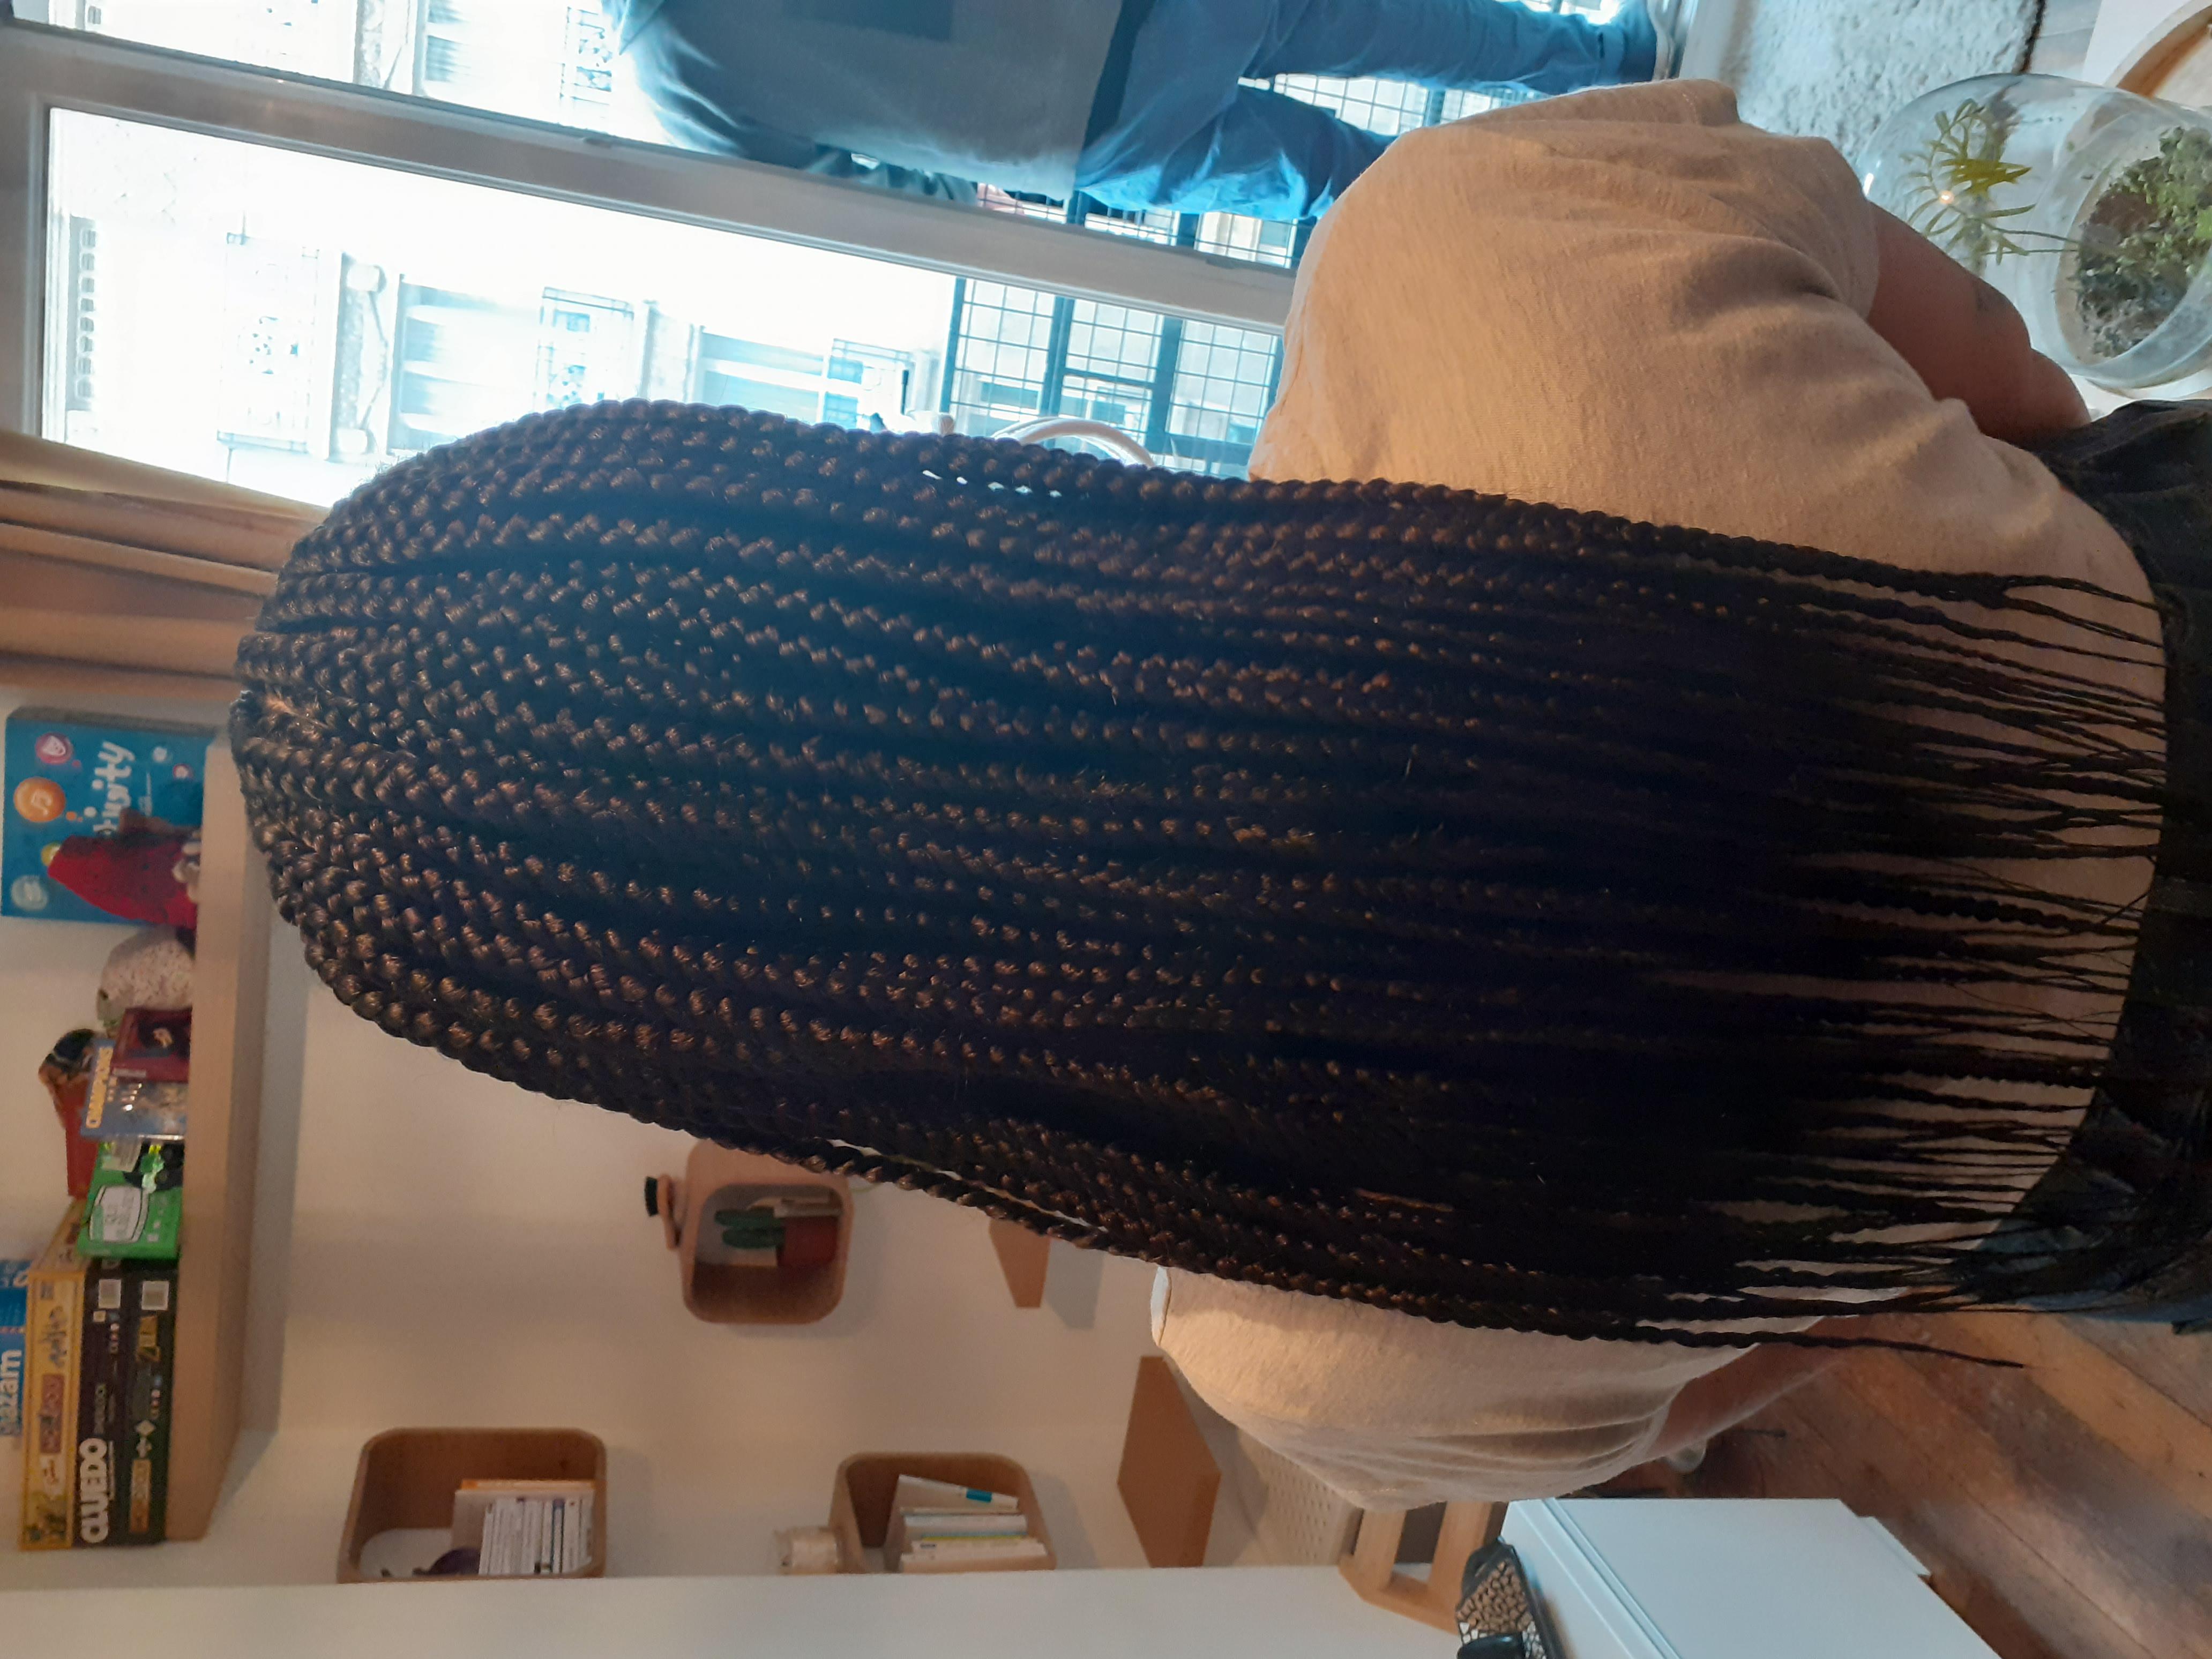 salon de coiffure afro tresse tresses box braids crochet braids vanilles tissages paris 75 77 78 91 92 93 94 95 MWFOXZYJ